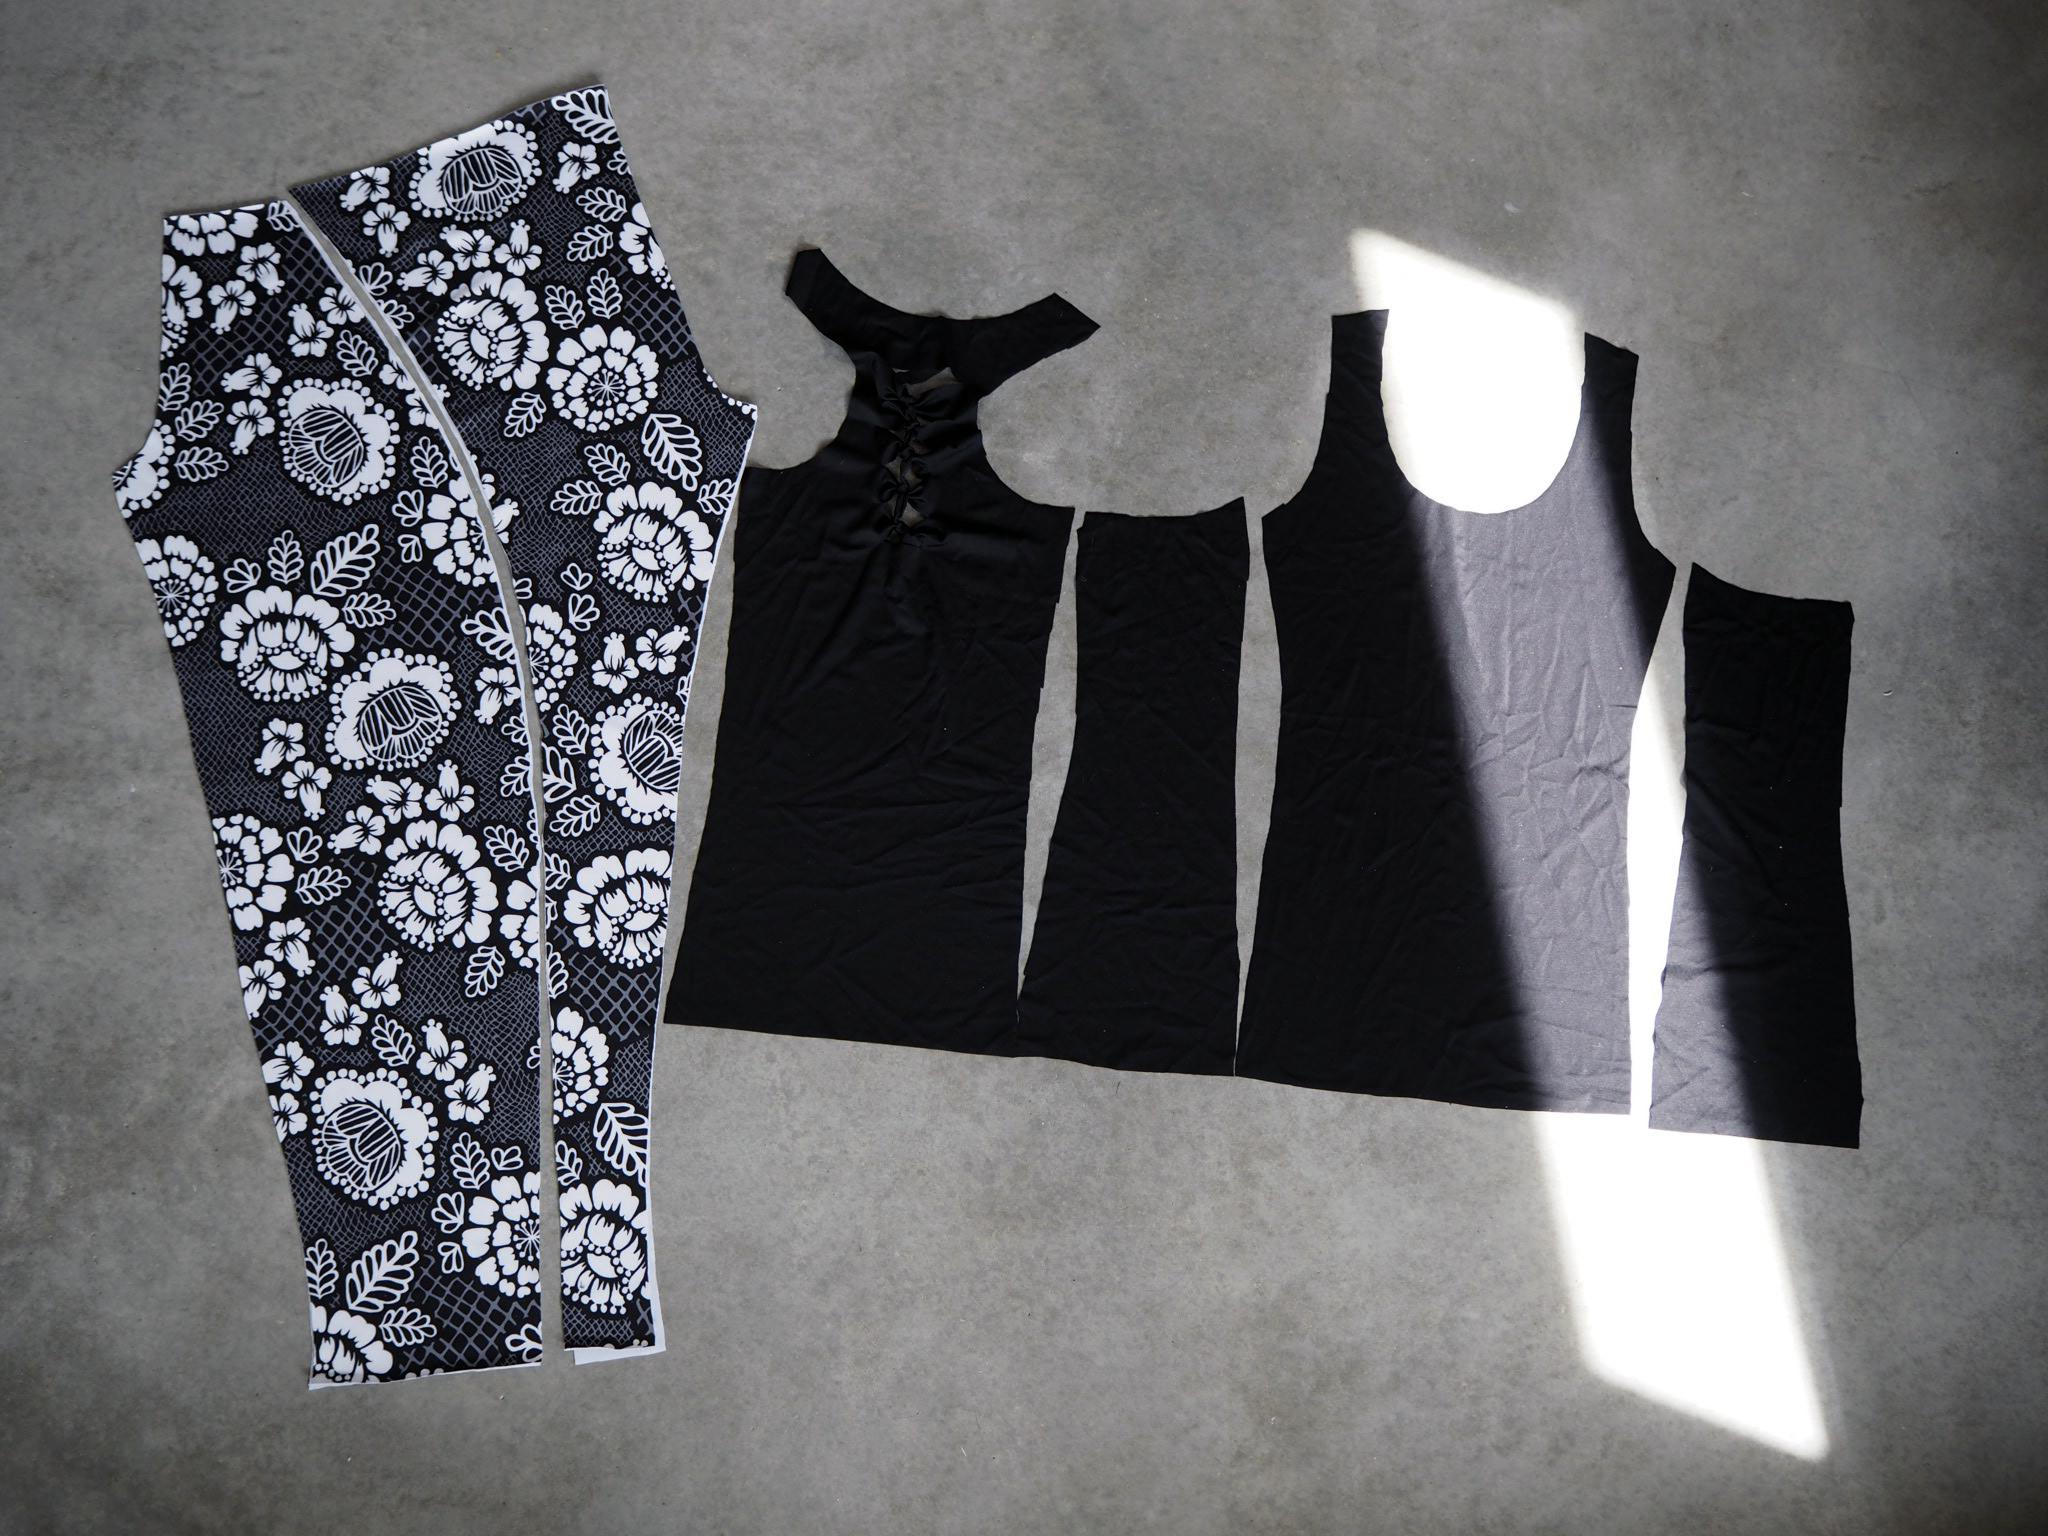 Juoksuhousut ja paita leikattuna ennen ompelua